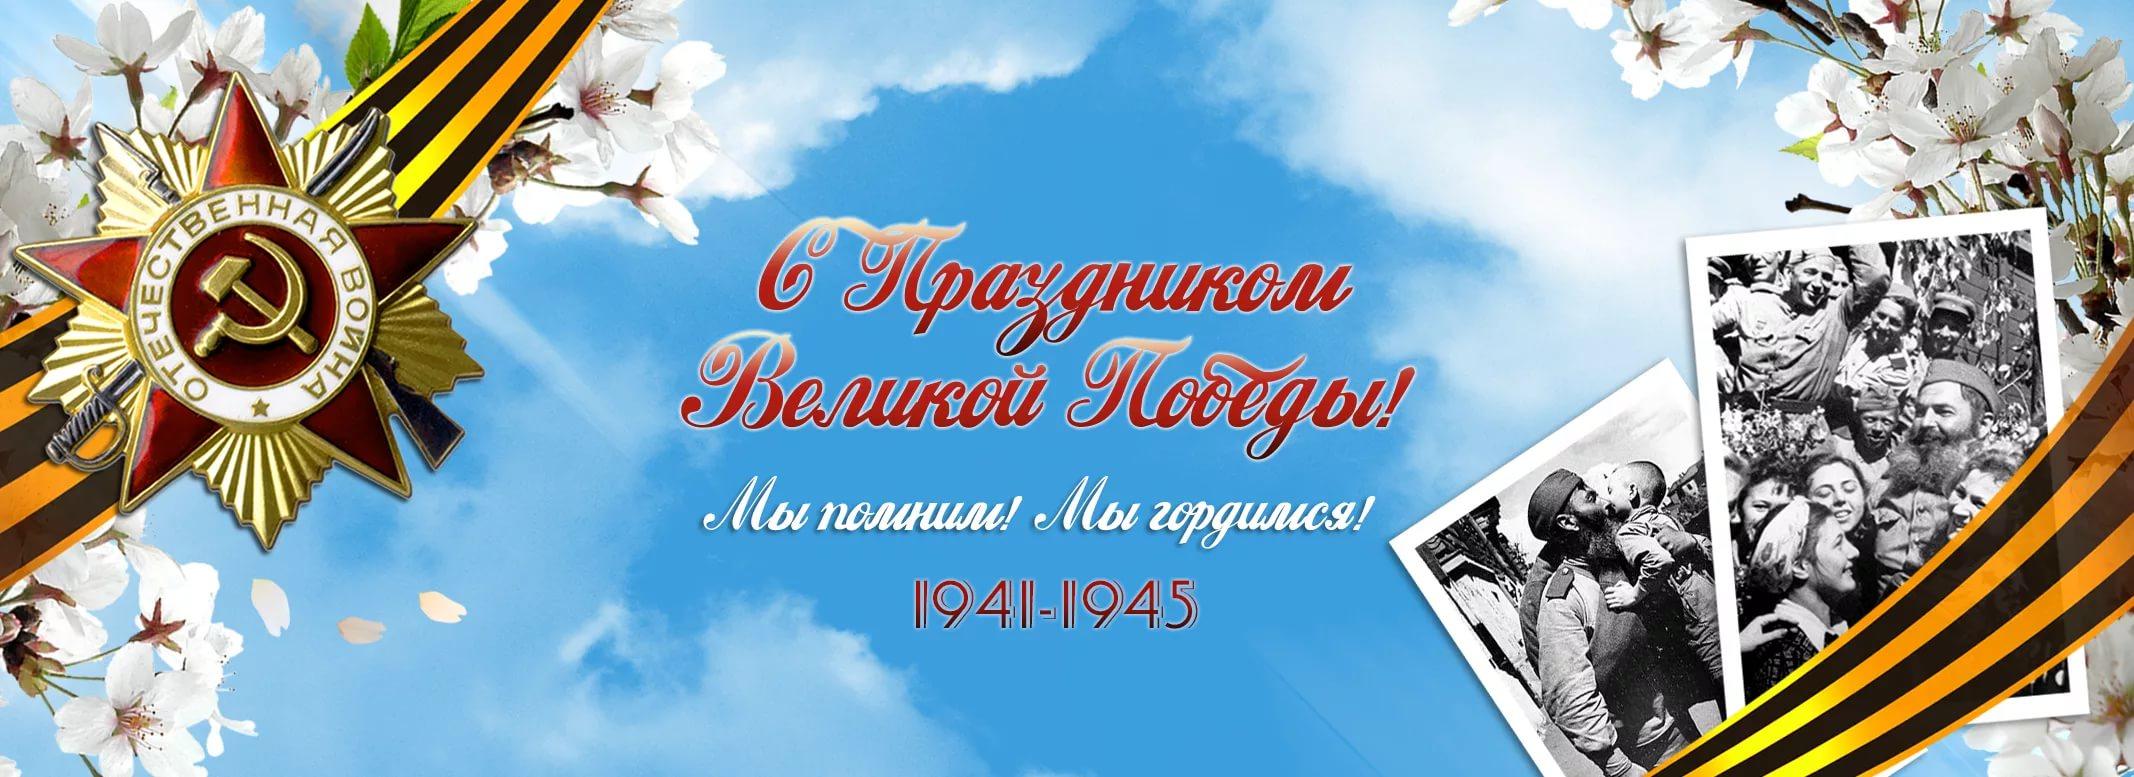 Празднование 9 Мая - День победы в Великой Отечественной войне